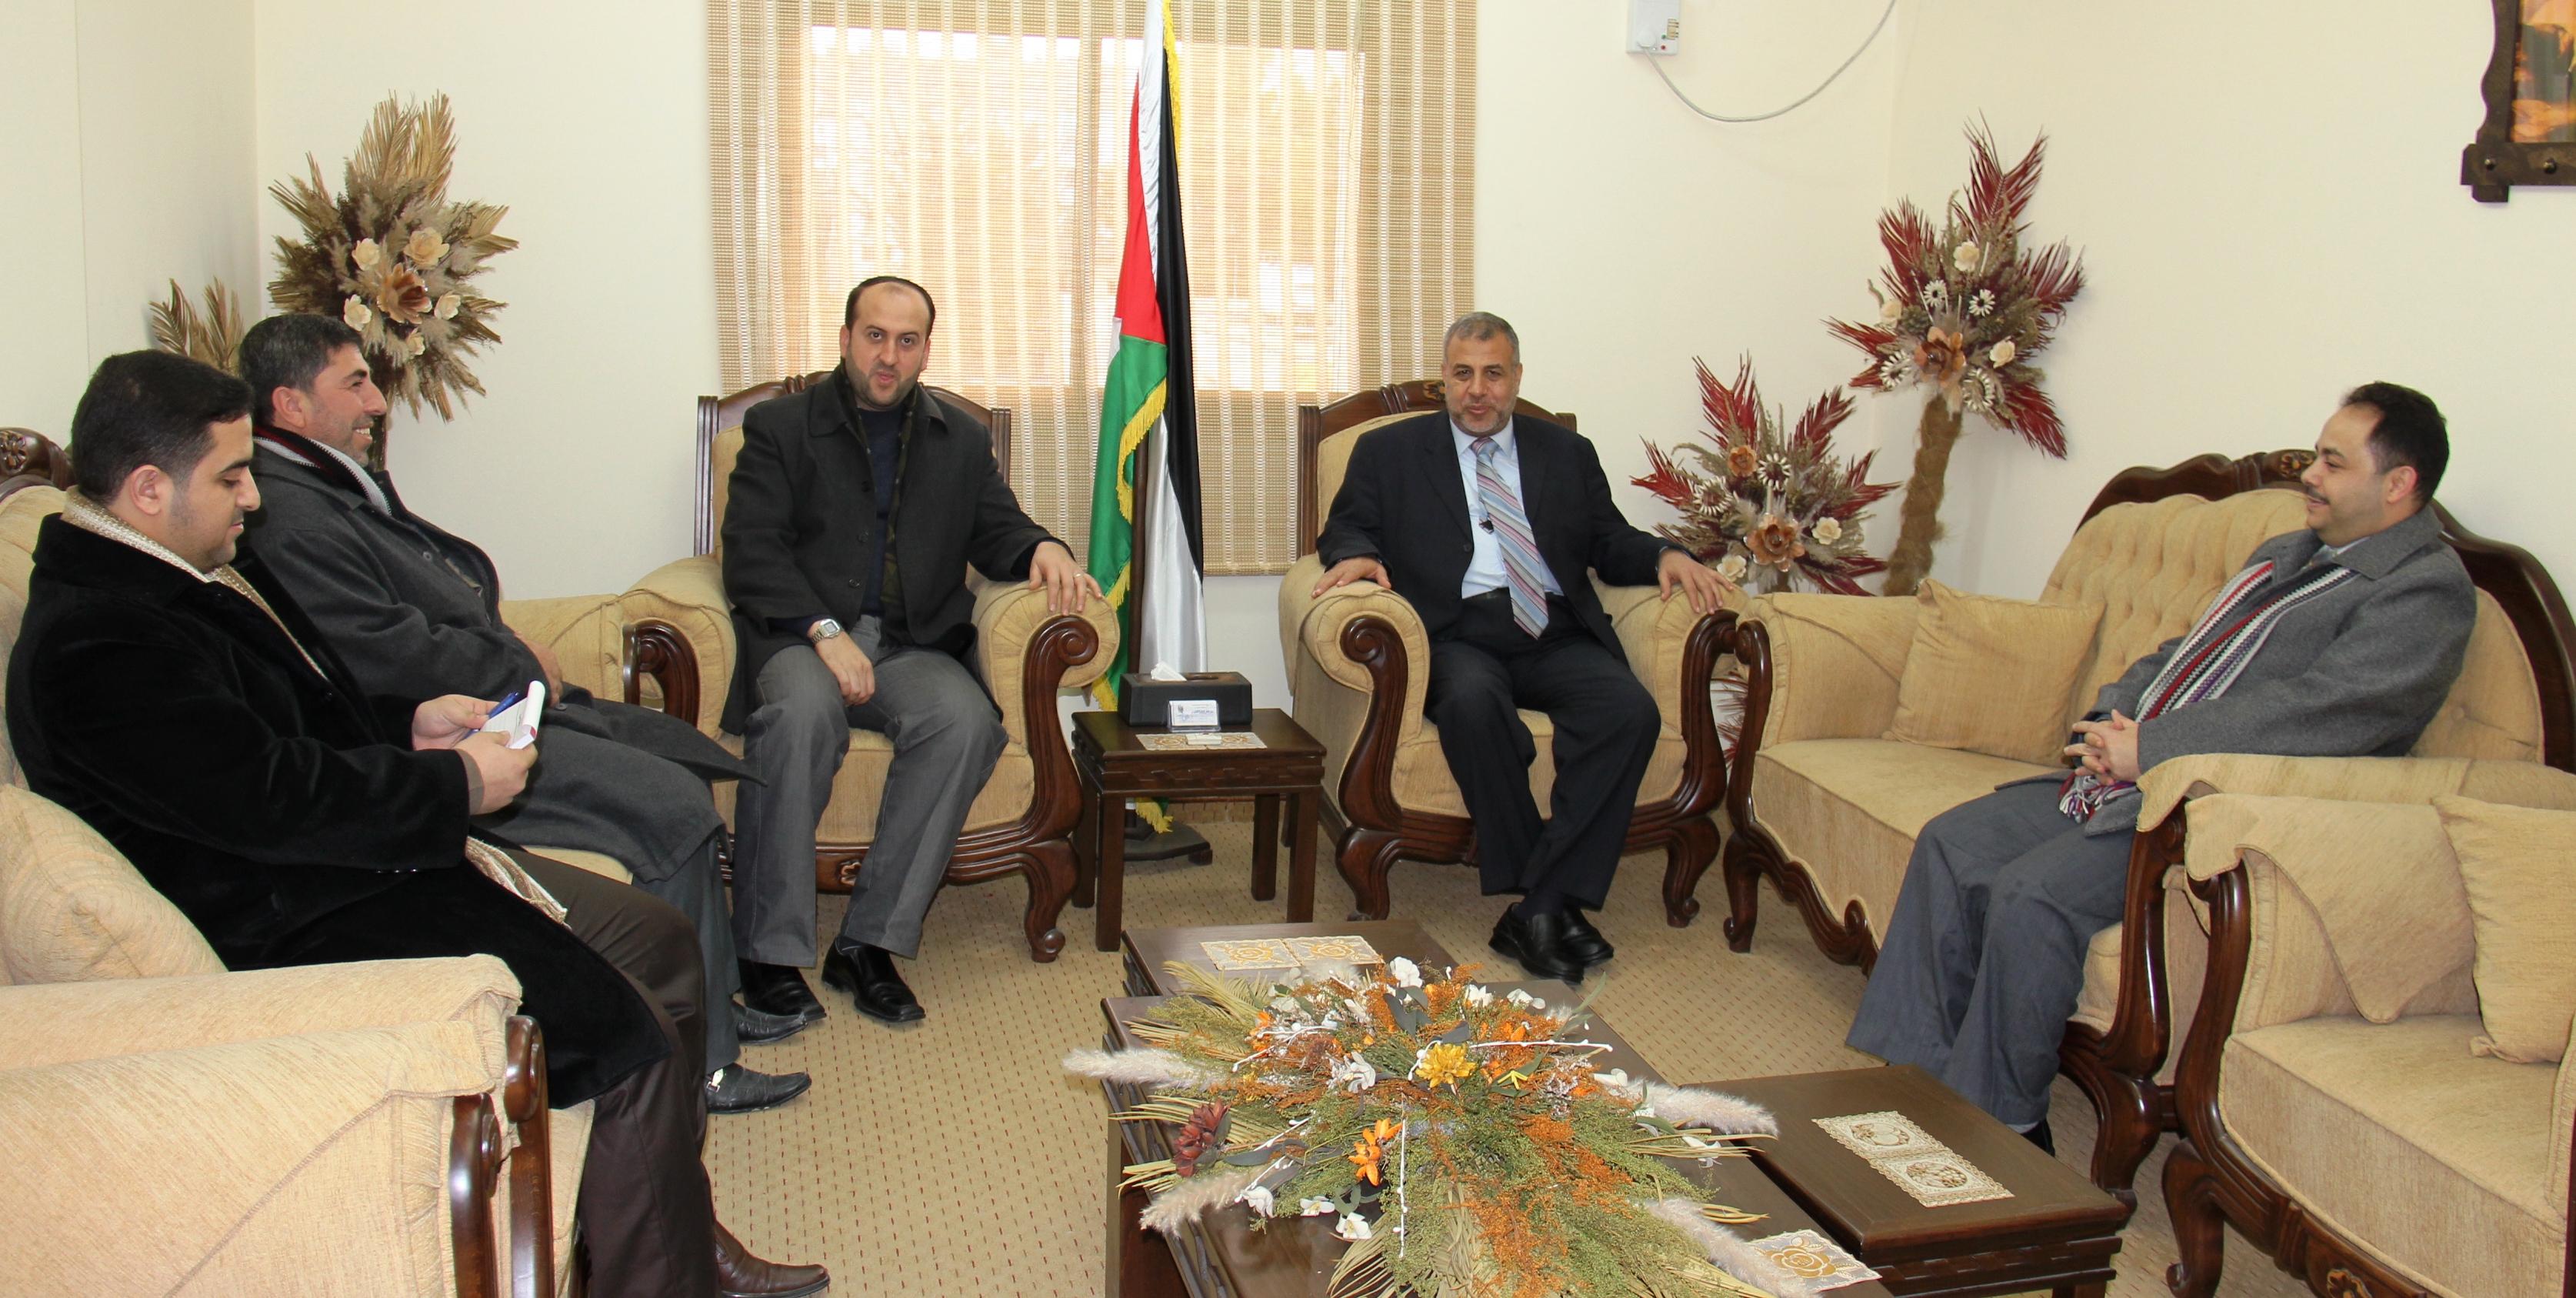 الصحة : الوزير المخللاتي يستقبل وفداً من نقابة الصحفيين بغزة